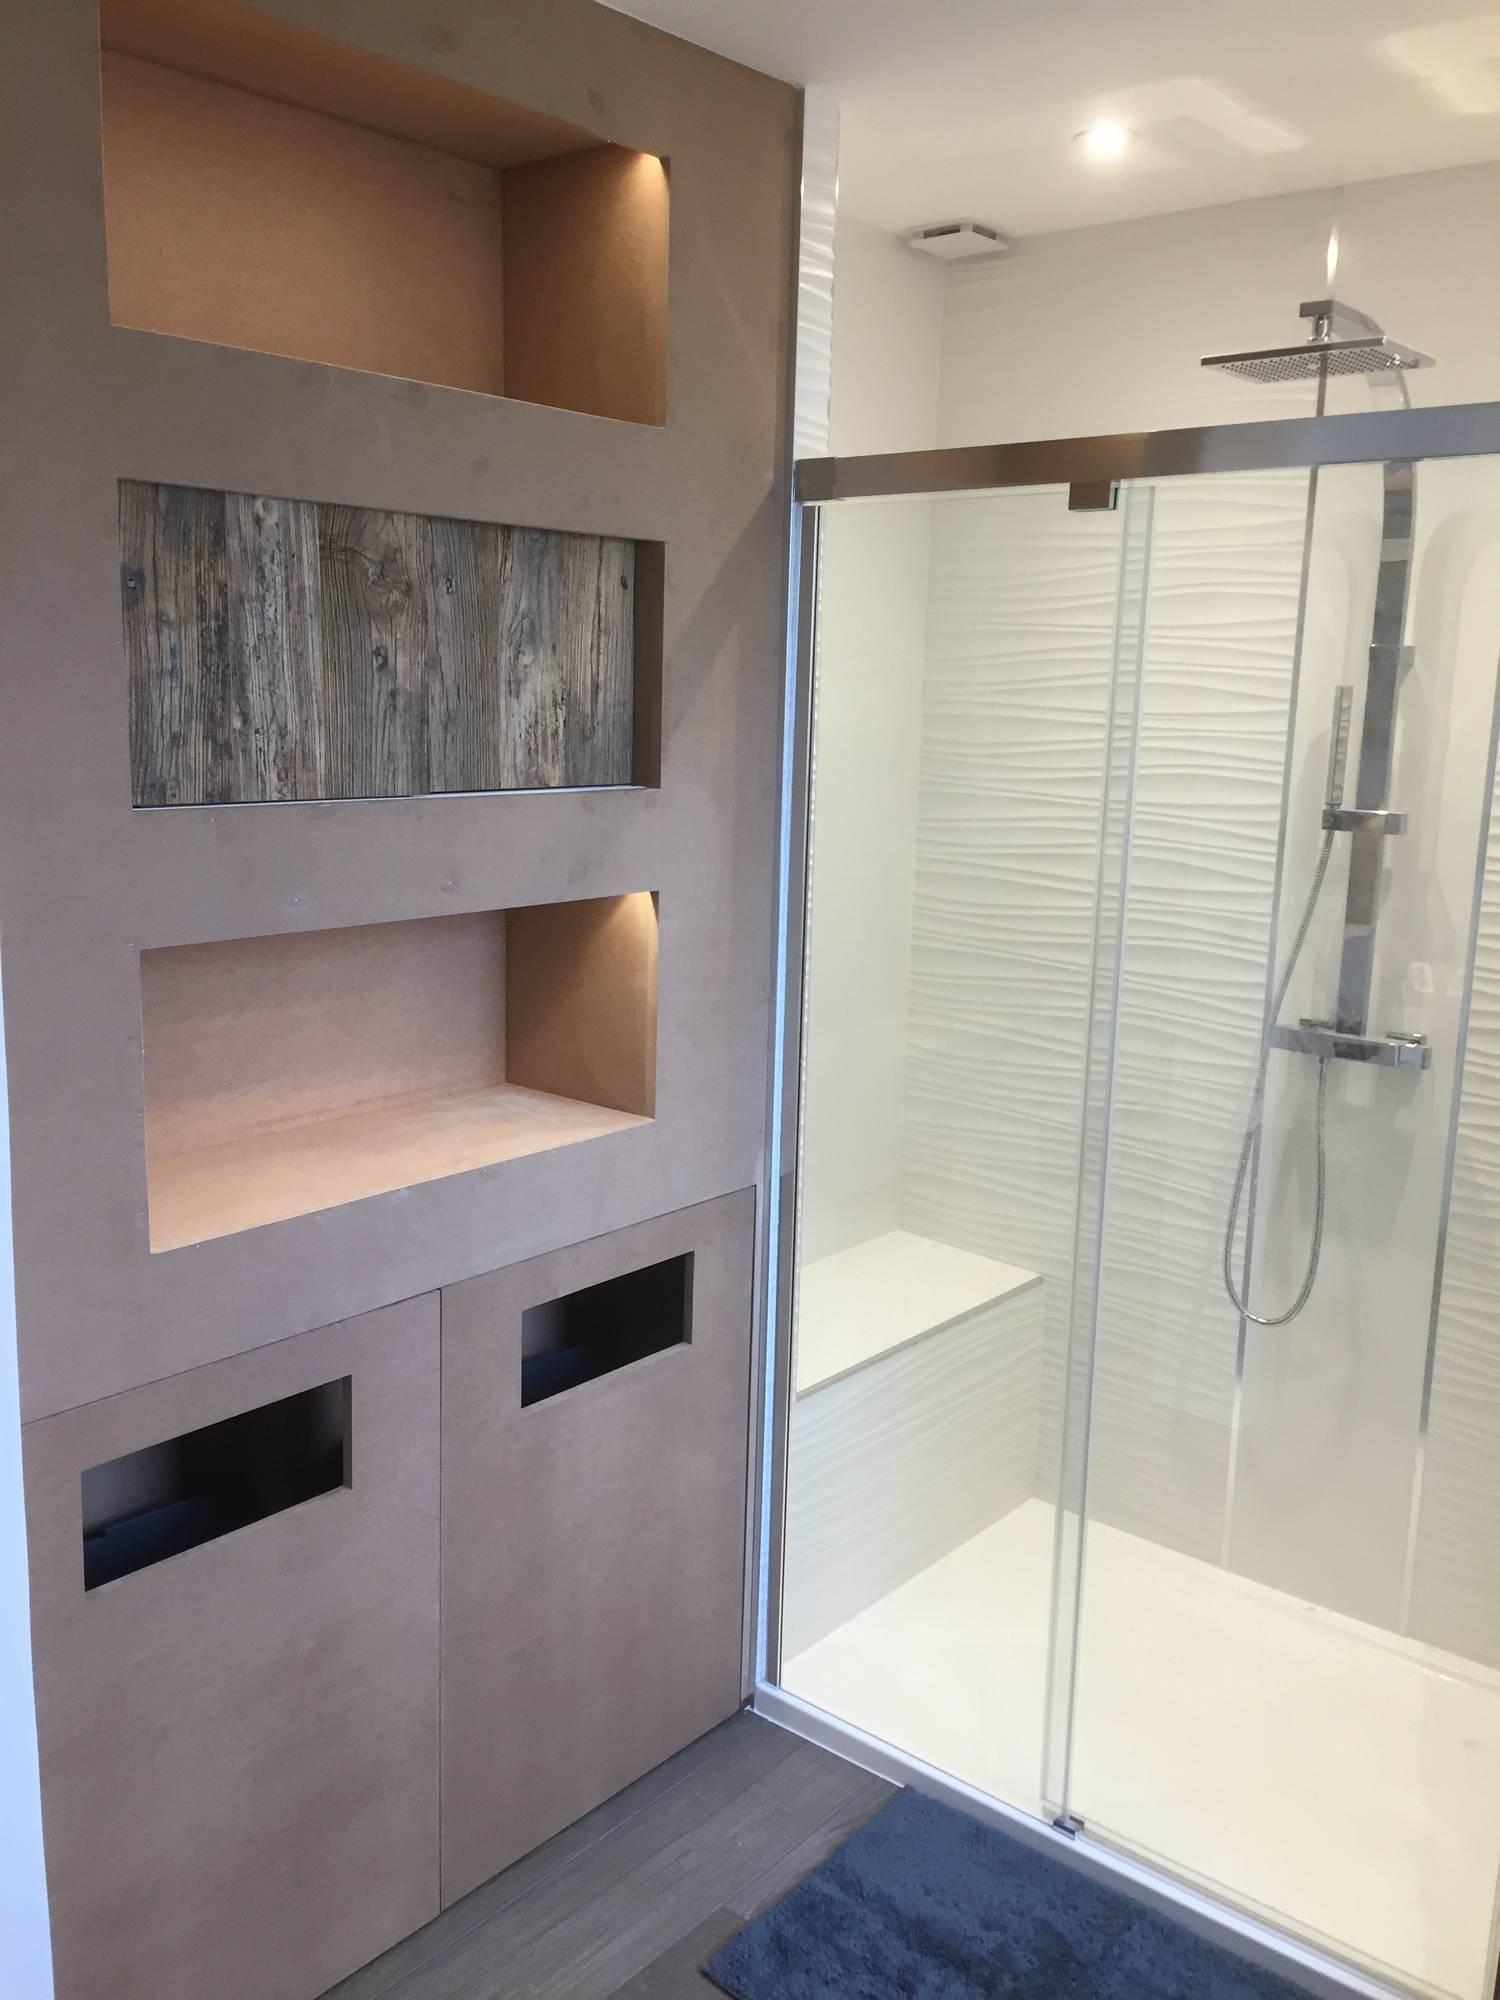 agencement de salle de bain rangements sur mesure selon. Black Bedroom Furniture Sets. Home Design Ideas